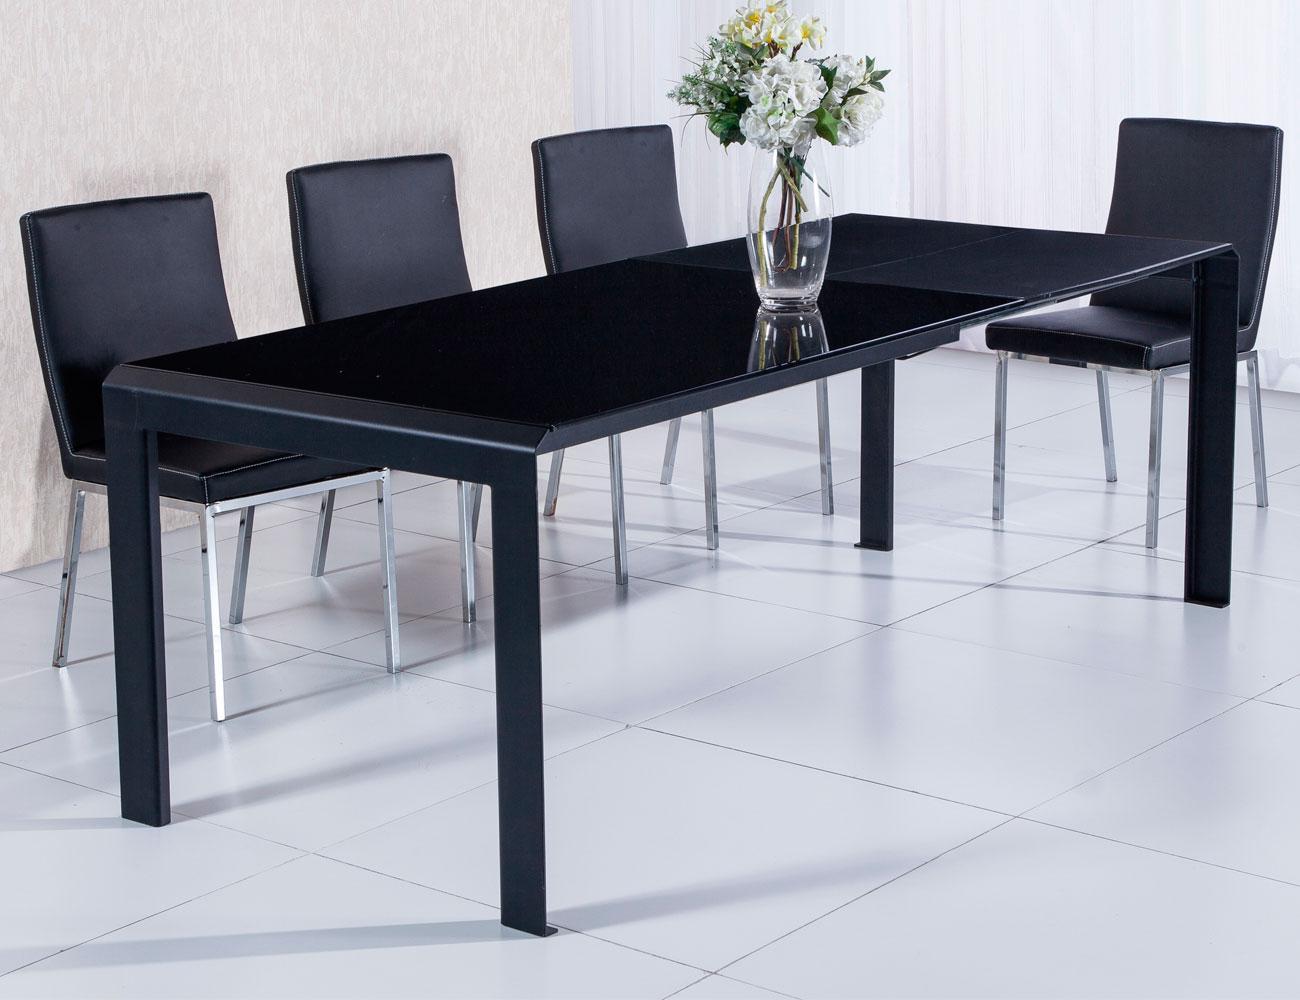 Mesa comedor cristal templado negro extensible